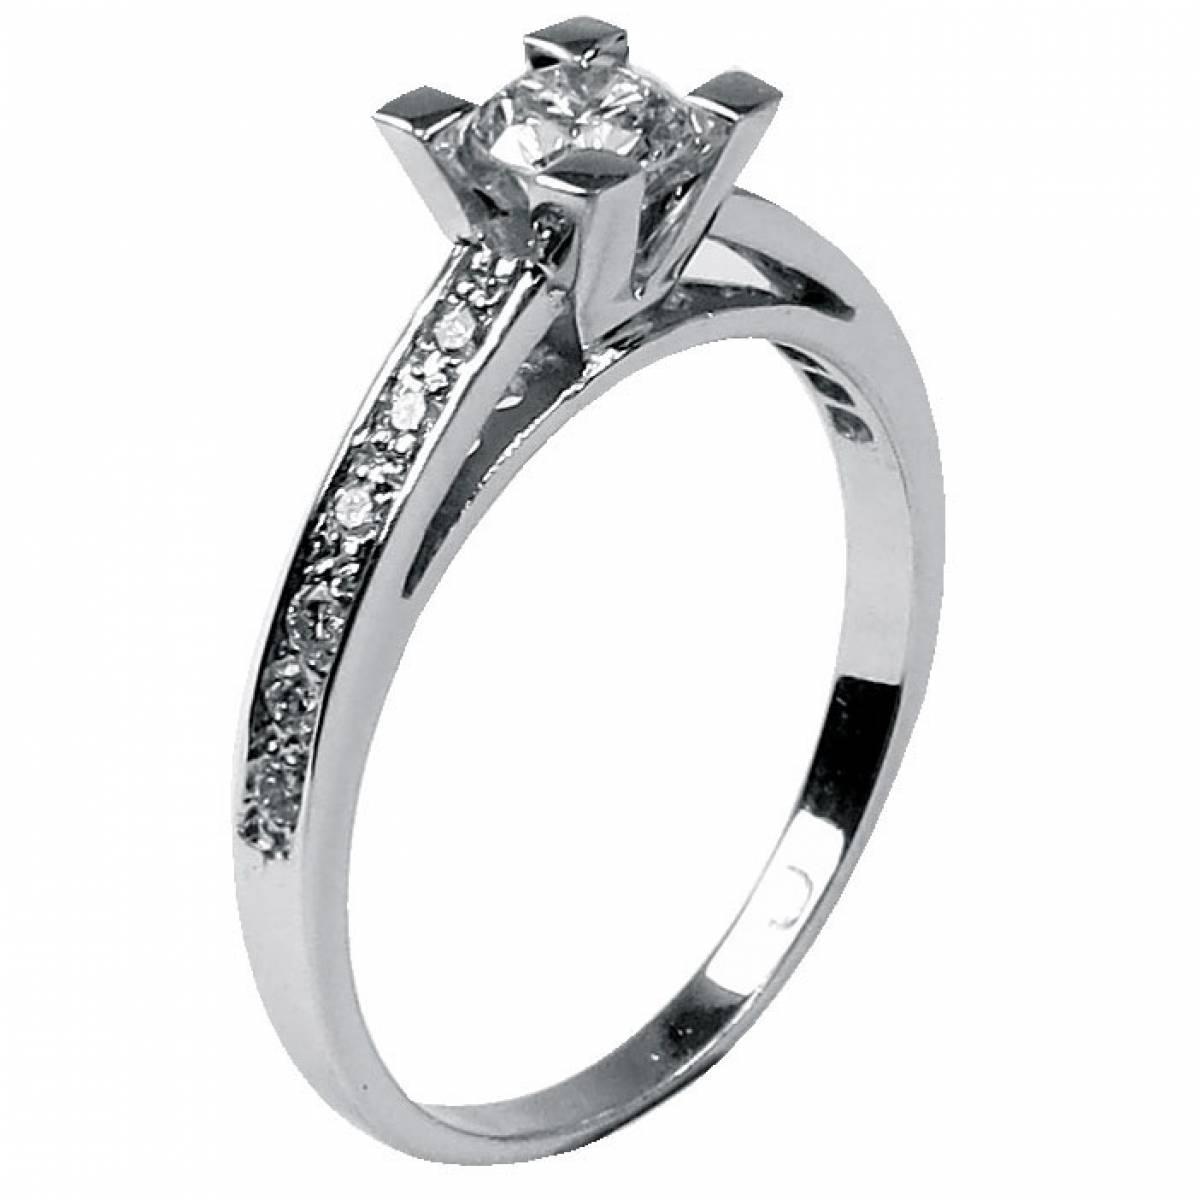 Anel de Noivado em Ouro de 19,2, com Diamantes ou Zircónias